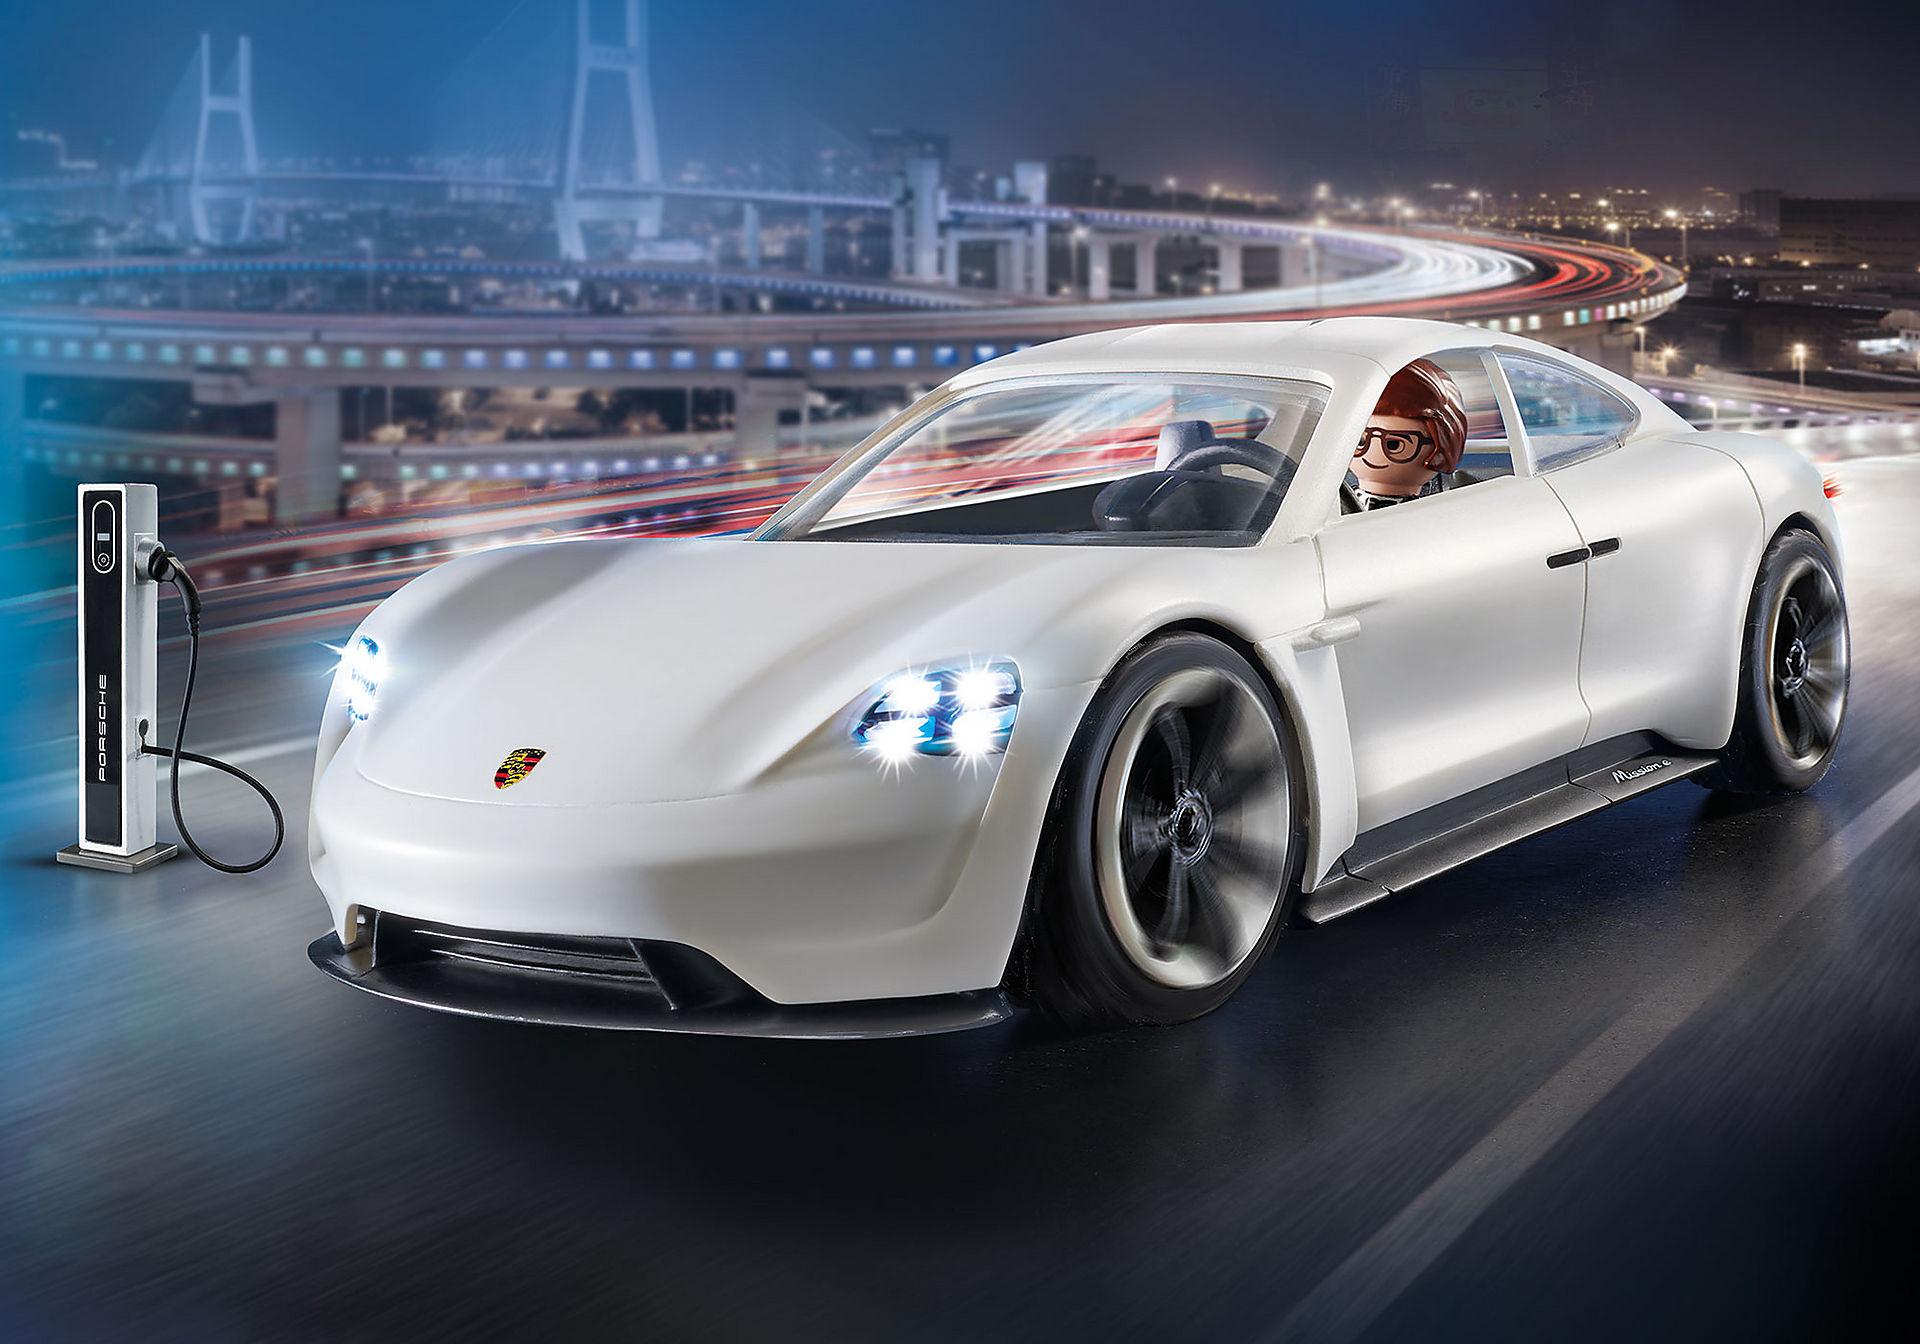 http://media.playmobil.com/i/playmobil/70078_product_detail/PLAYMOBIL: THE MOVIE Porsche Missão E e Rex Dasher